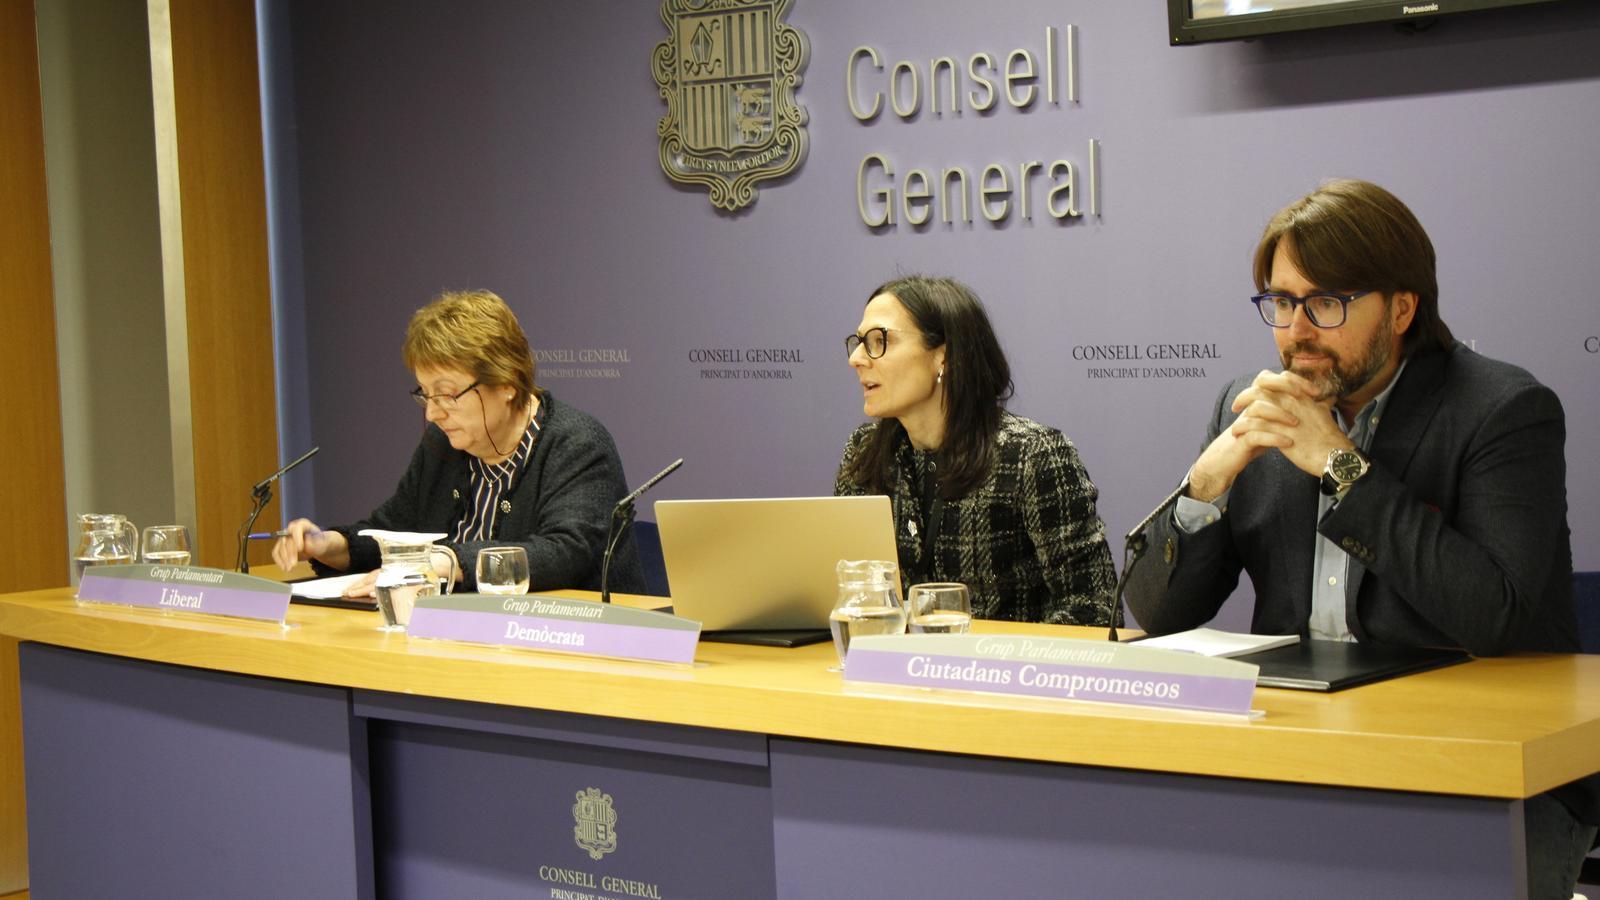 Roda de premsa de presentació de la modificació de llei amb les conselleres generals Sílvia Ferrer i Ester Molné i el president del grup parlamentari de Ciutadans Compromesos, Carles Naudi. / C. A.